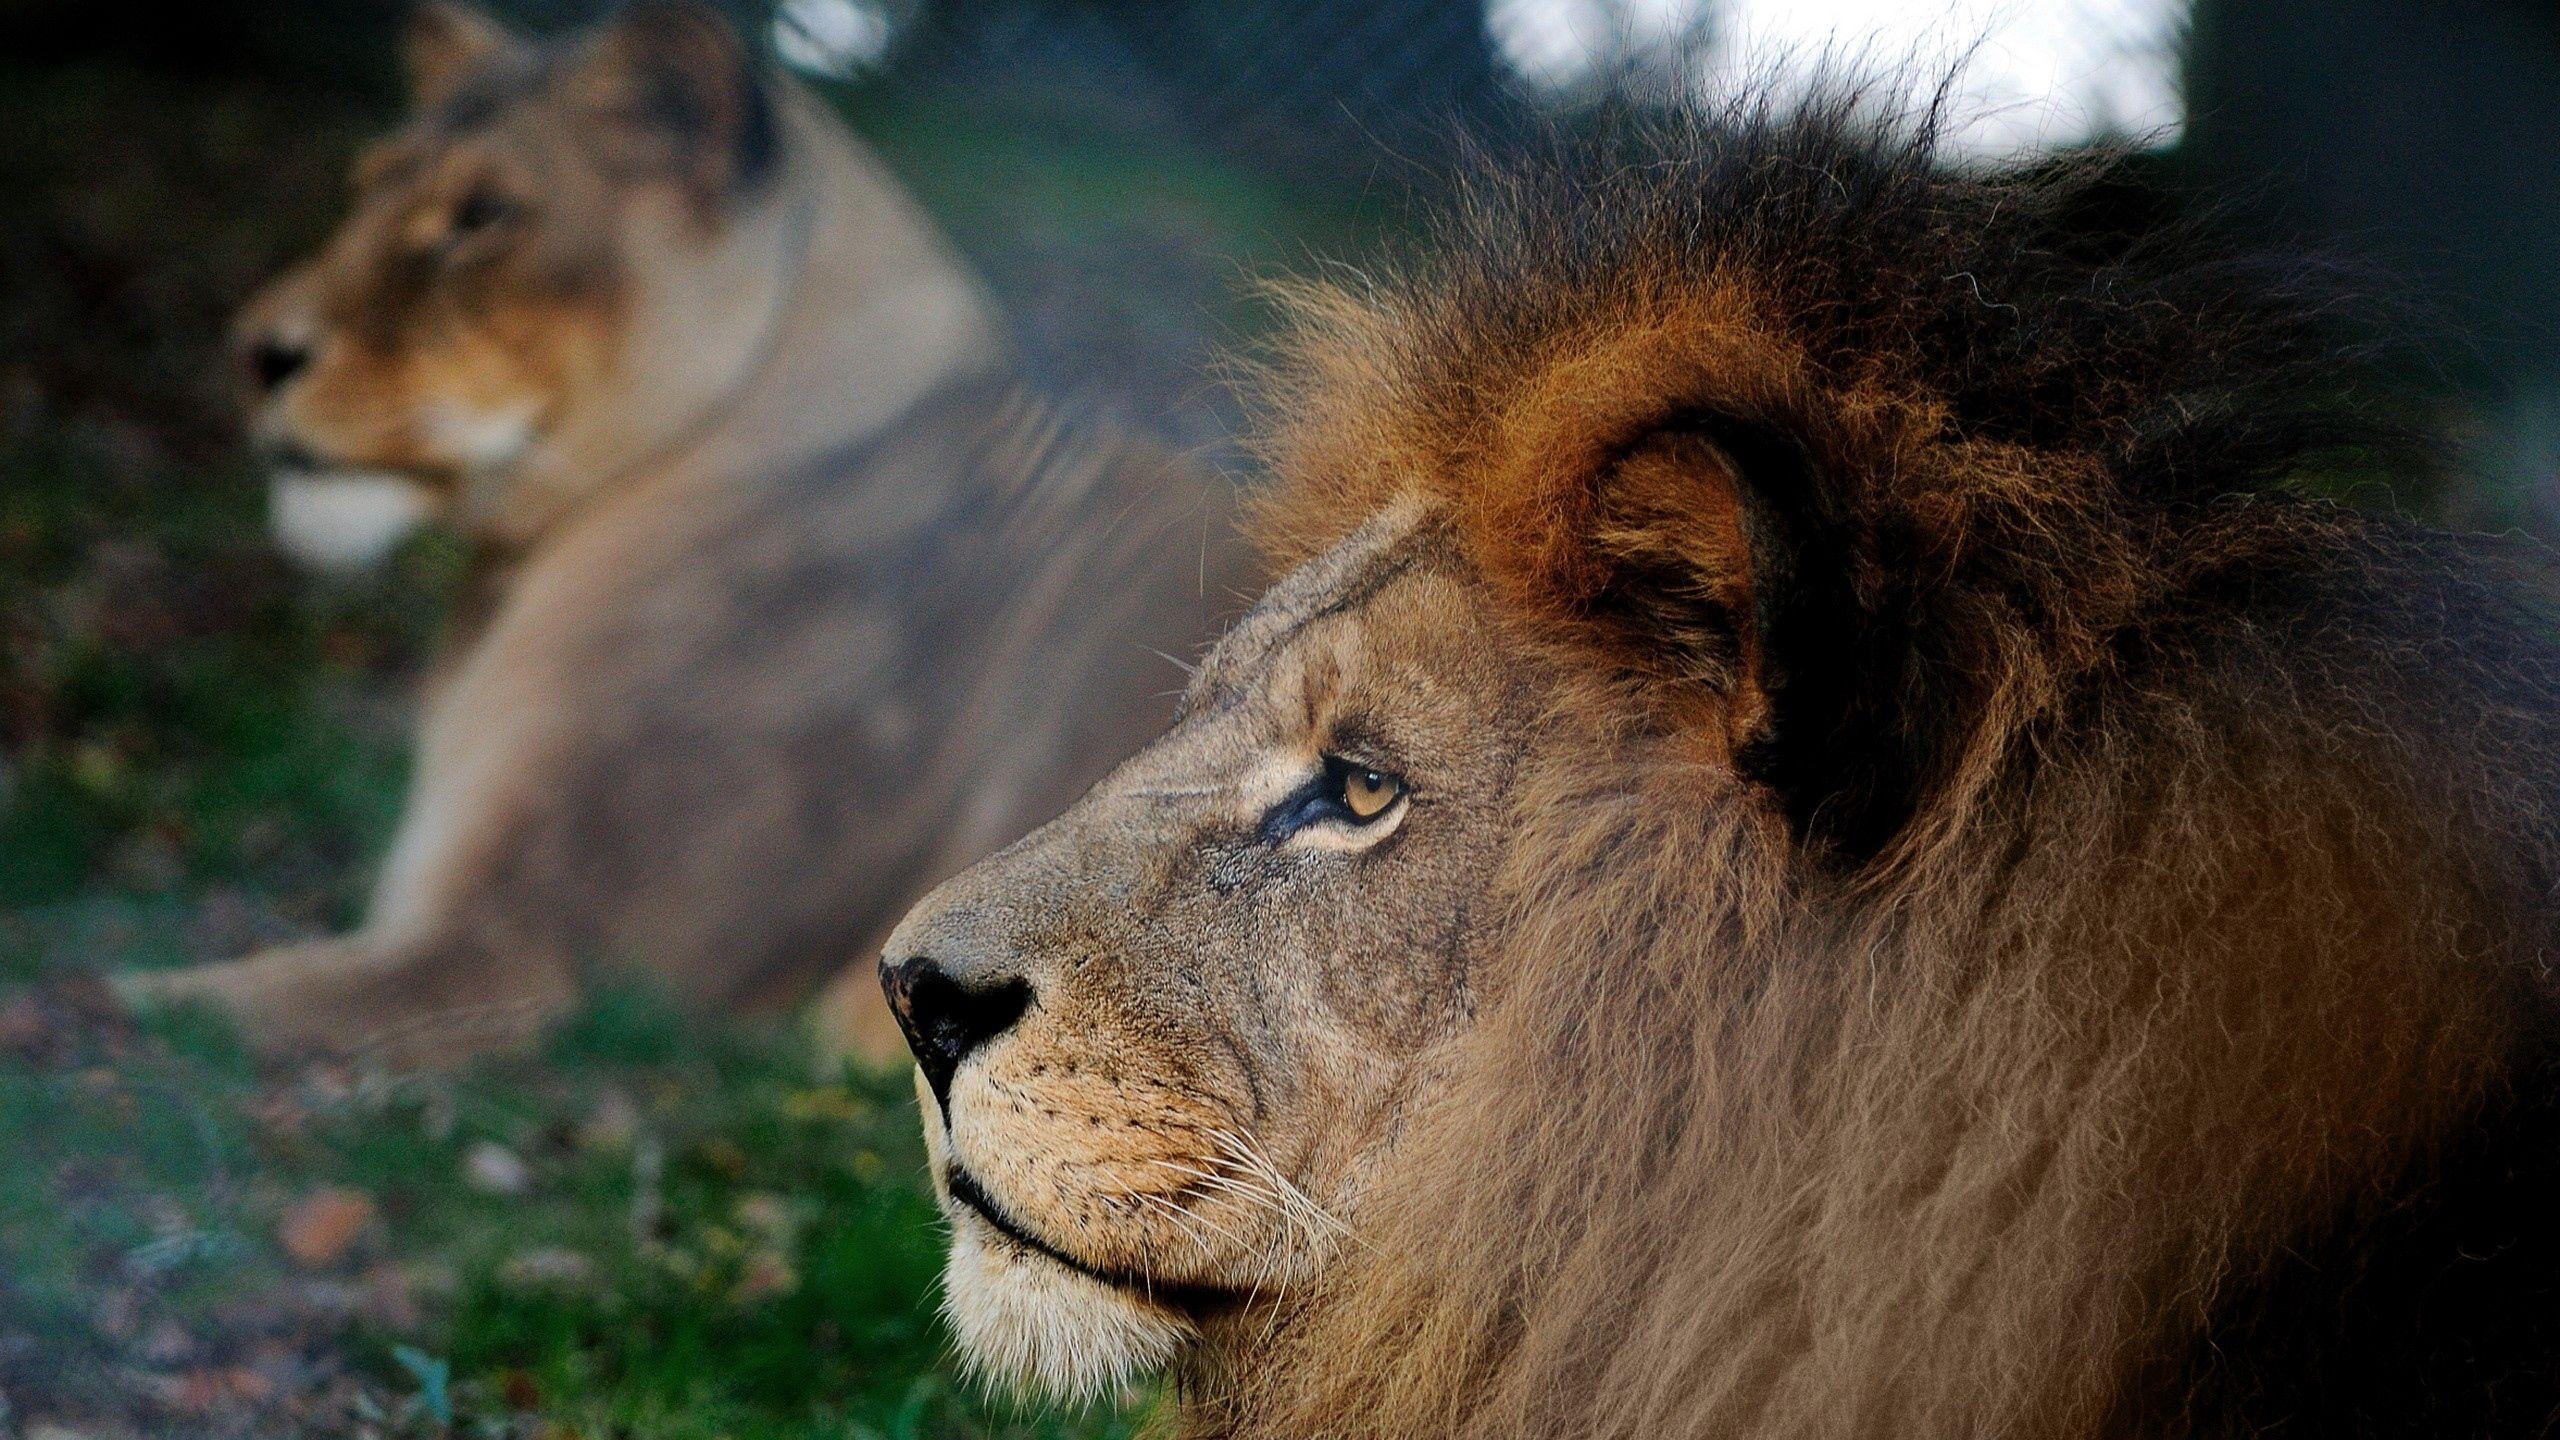 56464 скачать обои Животные, Лев, Грива, Голова, Профиль - заставки и картинки бесплатно